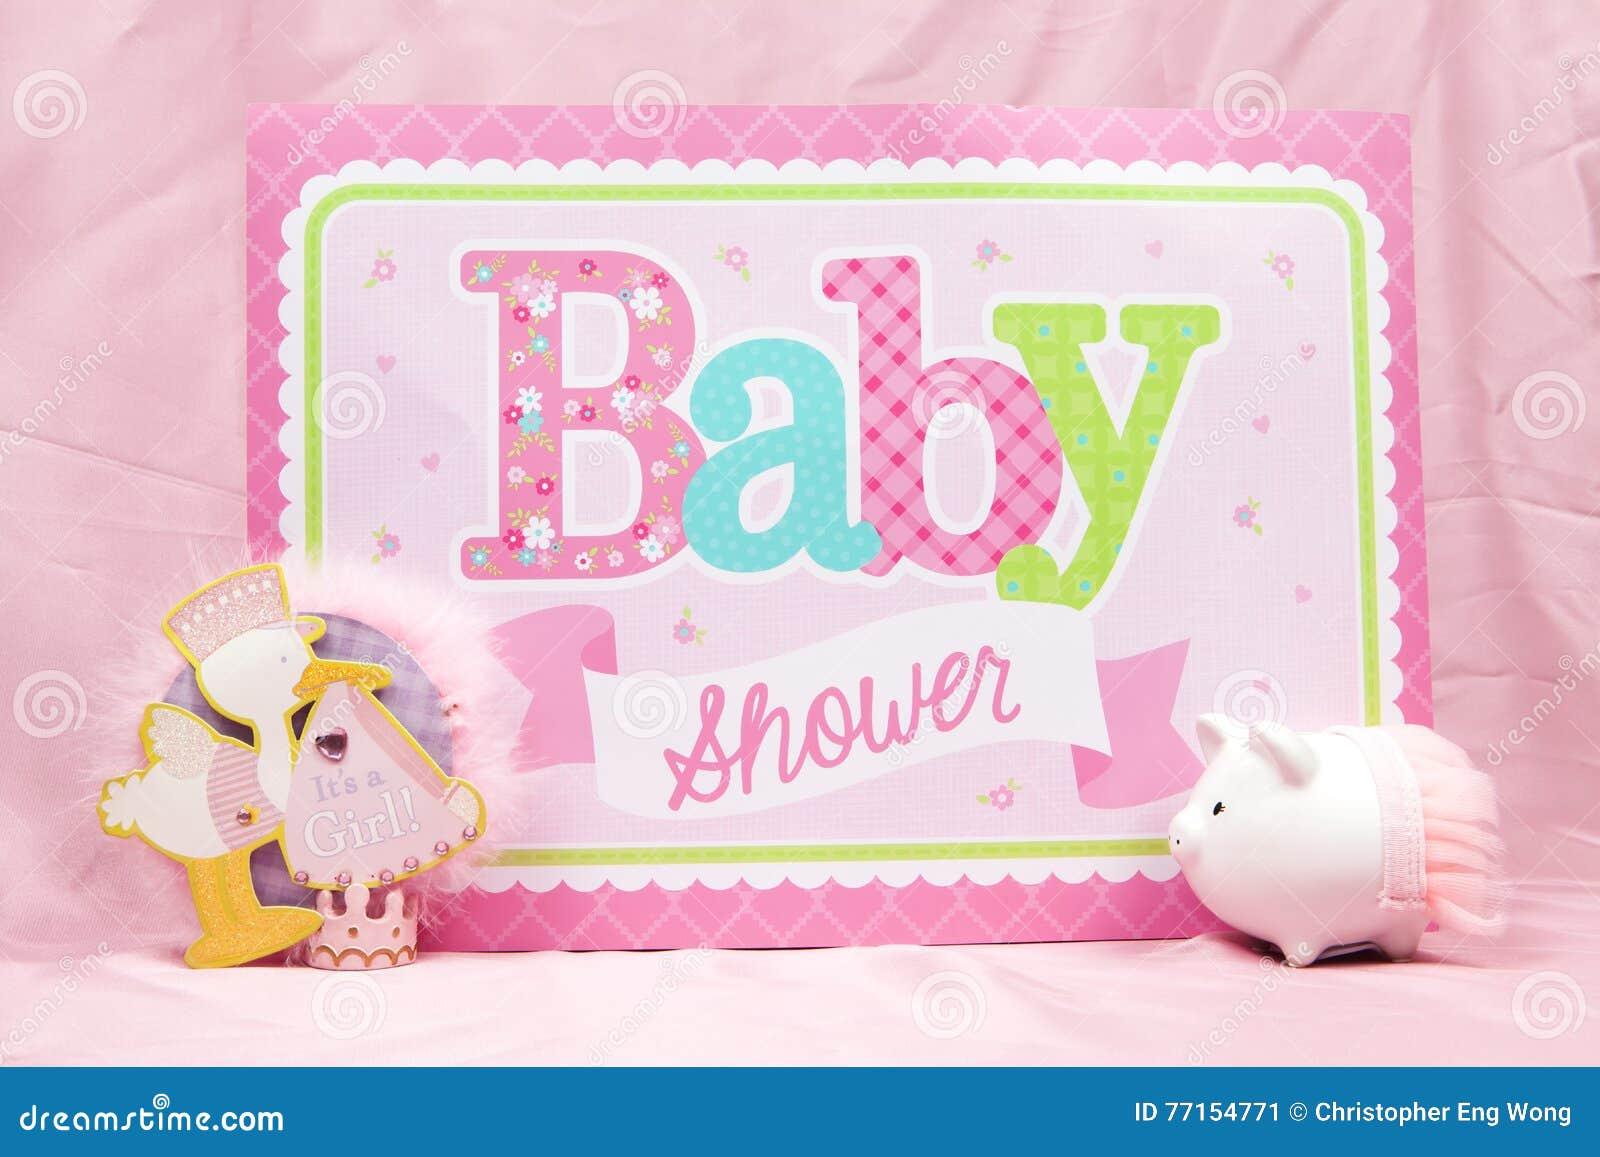 Fête de naissance rose